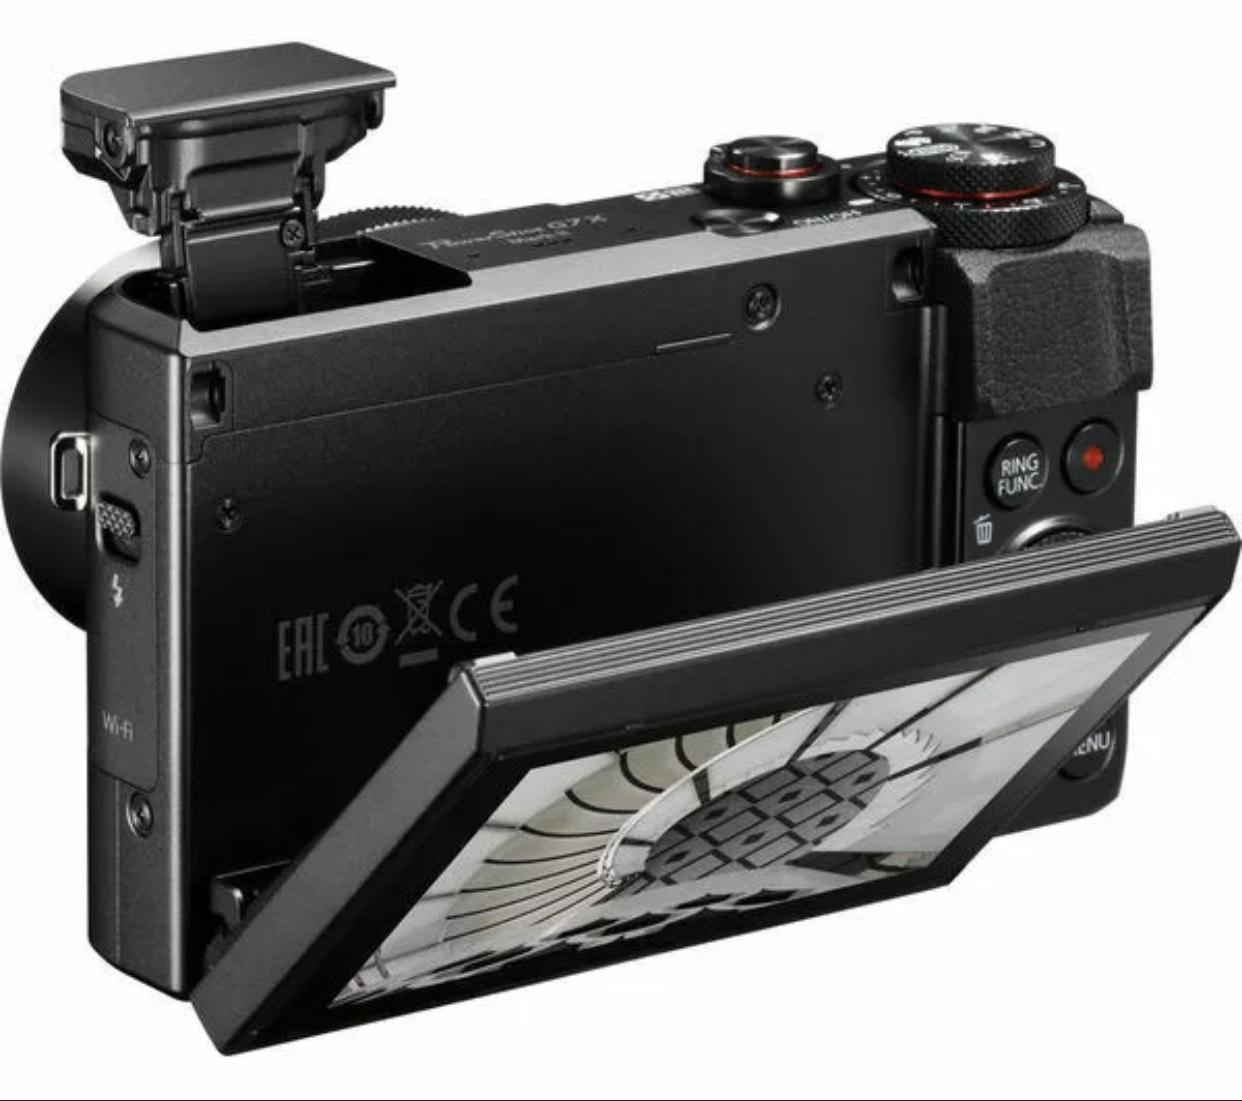 Canon PowerShot G7 X Mark II - Damaged Box £416.10 @ Currys clearance / eBay